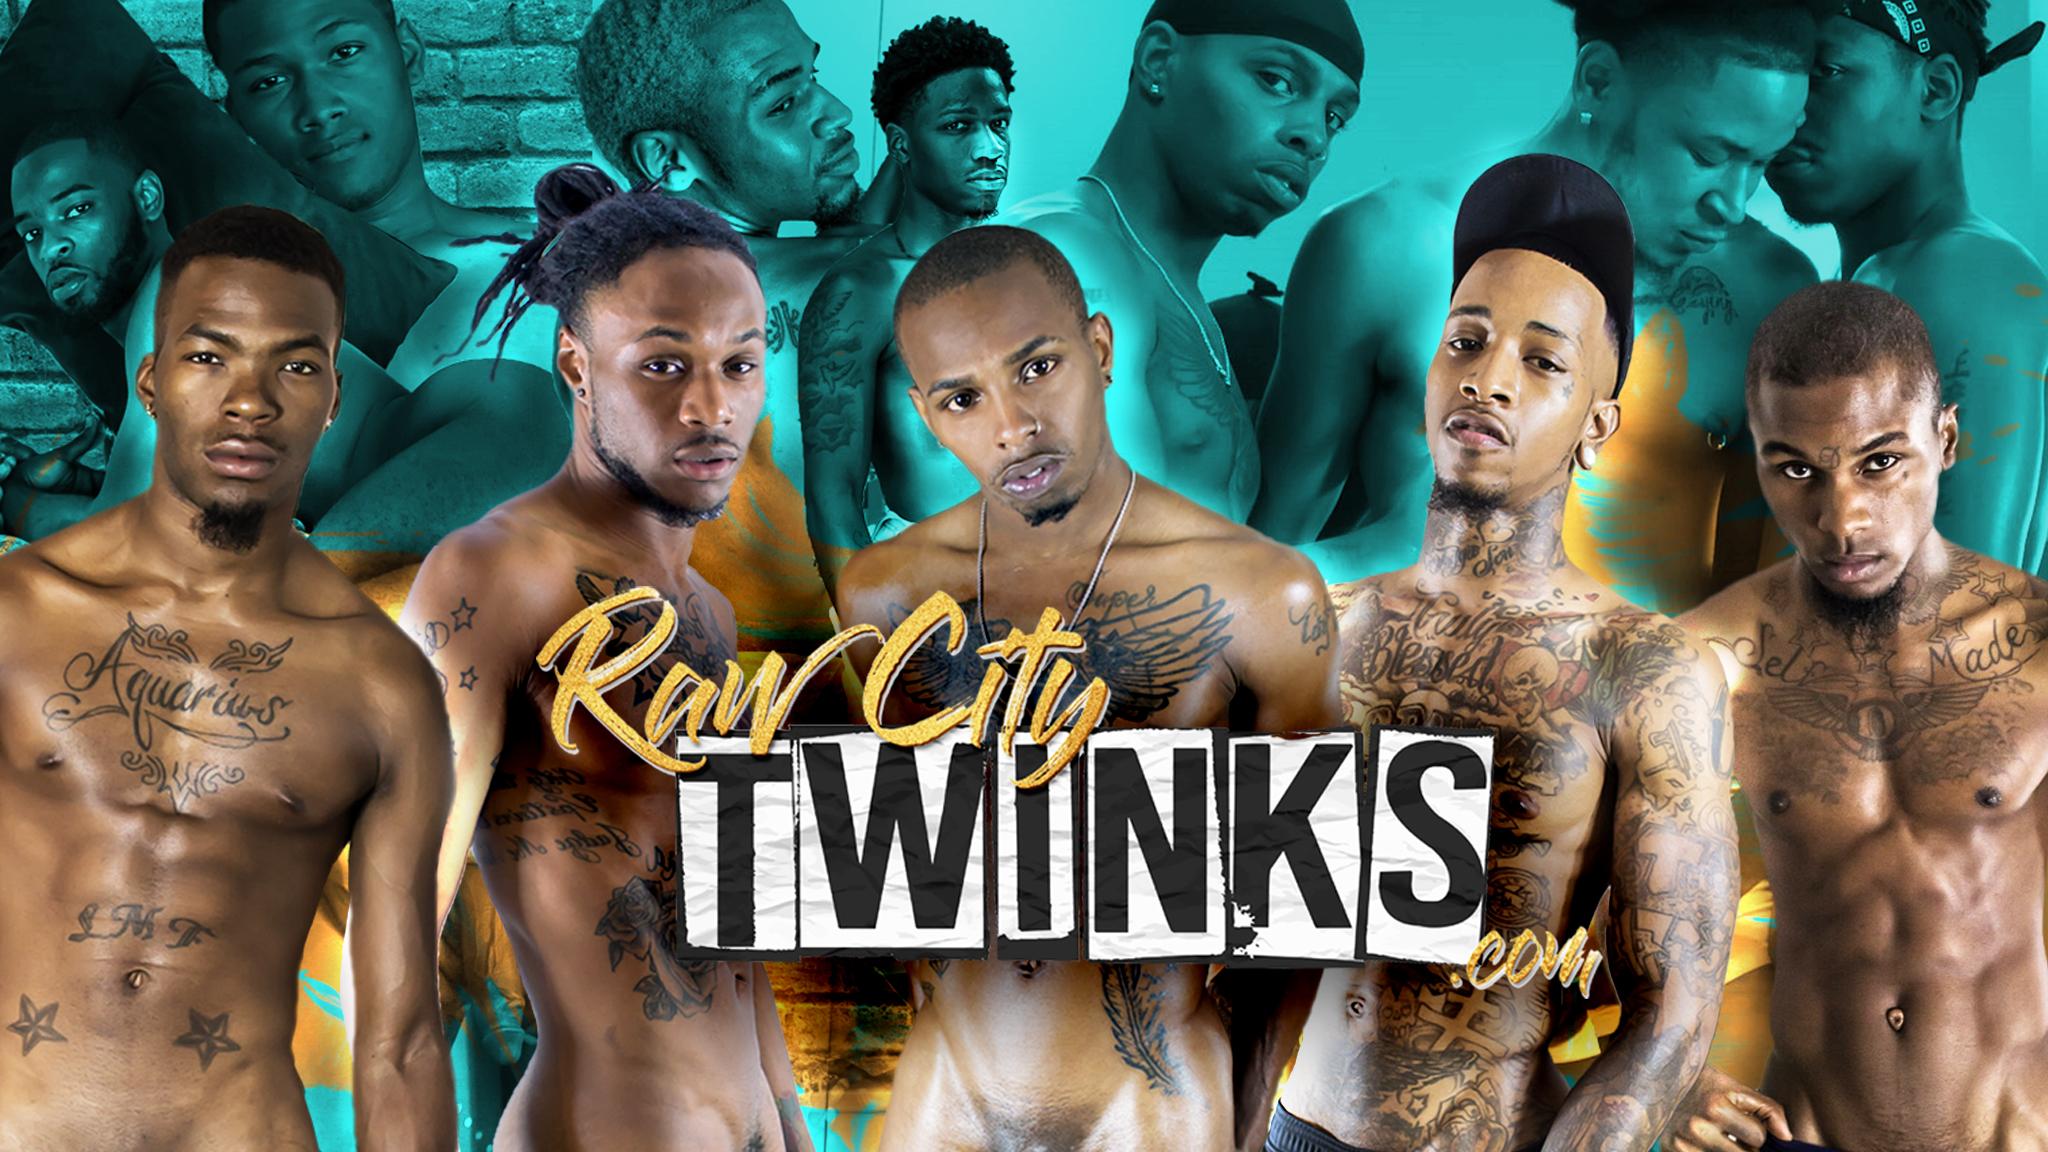 Raw City Twinks